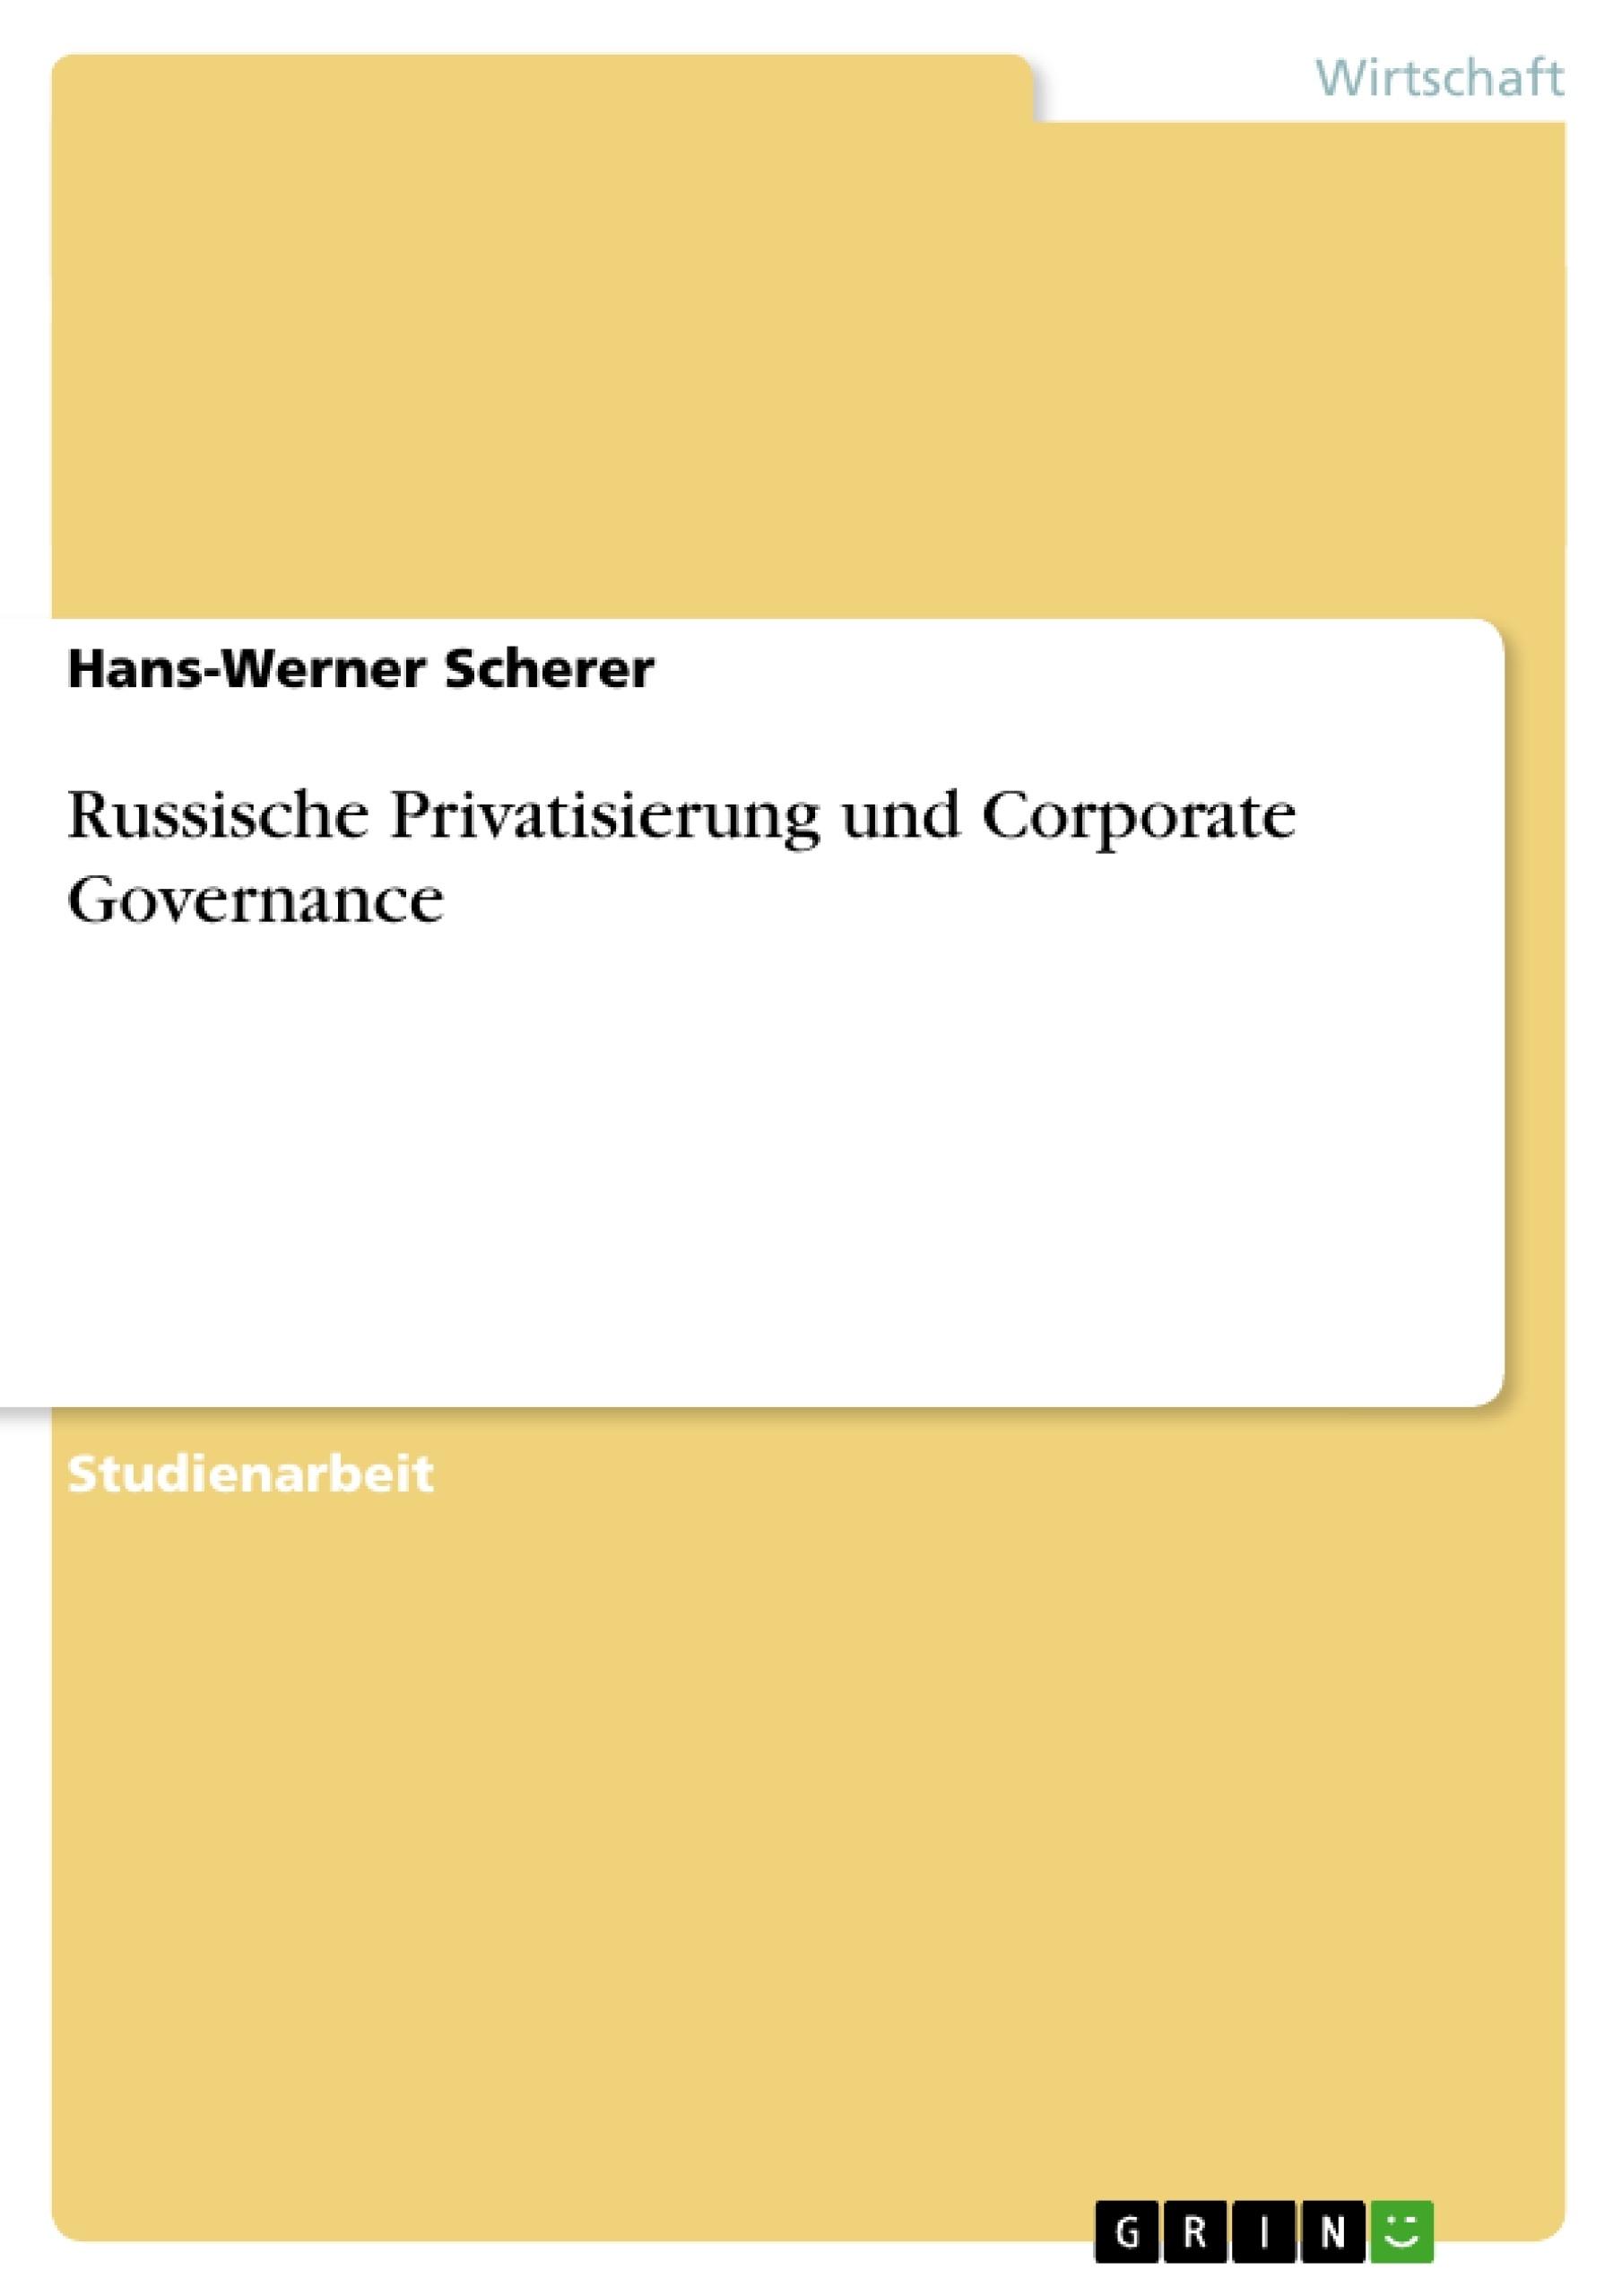 Titel: Russische Privatisierung und Corporate Governance